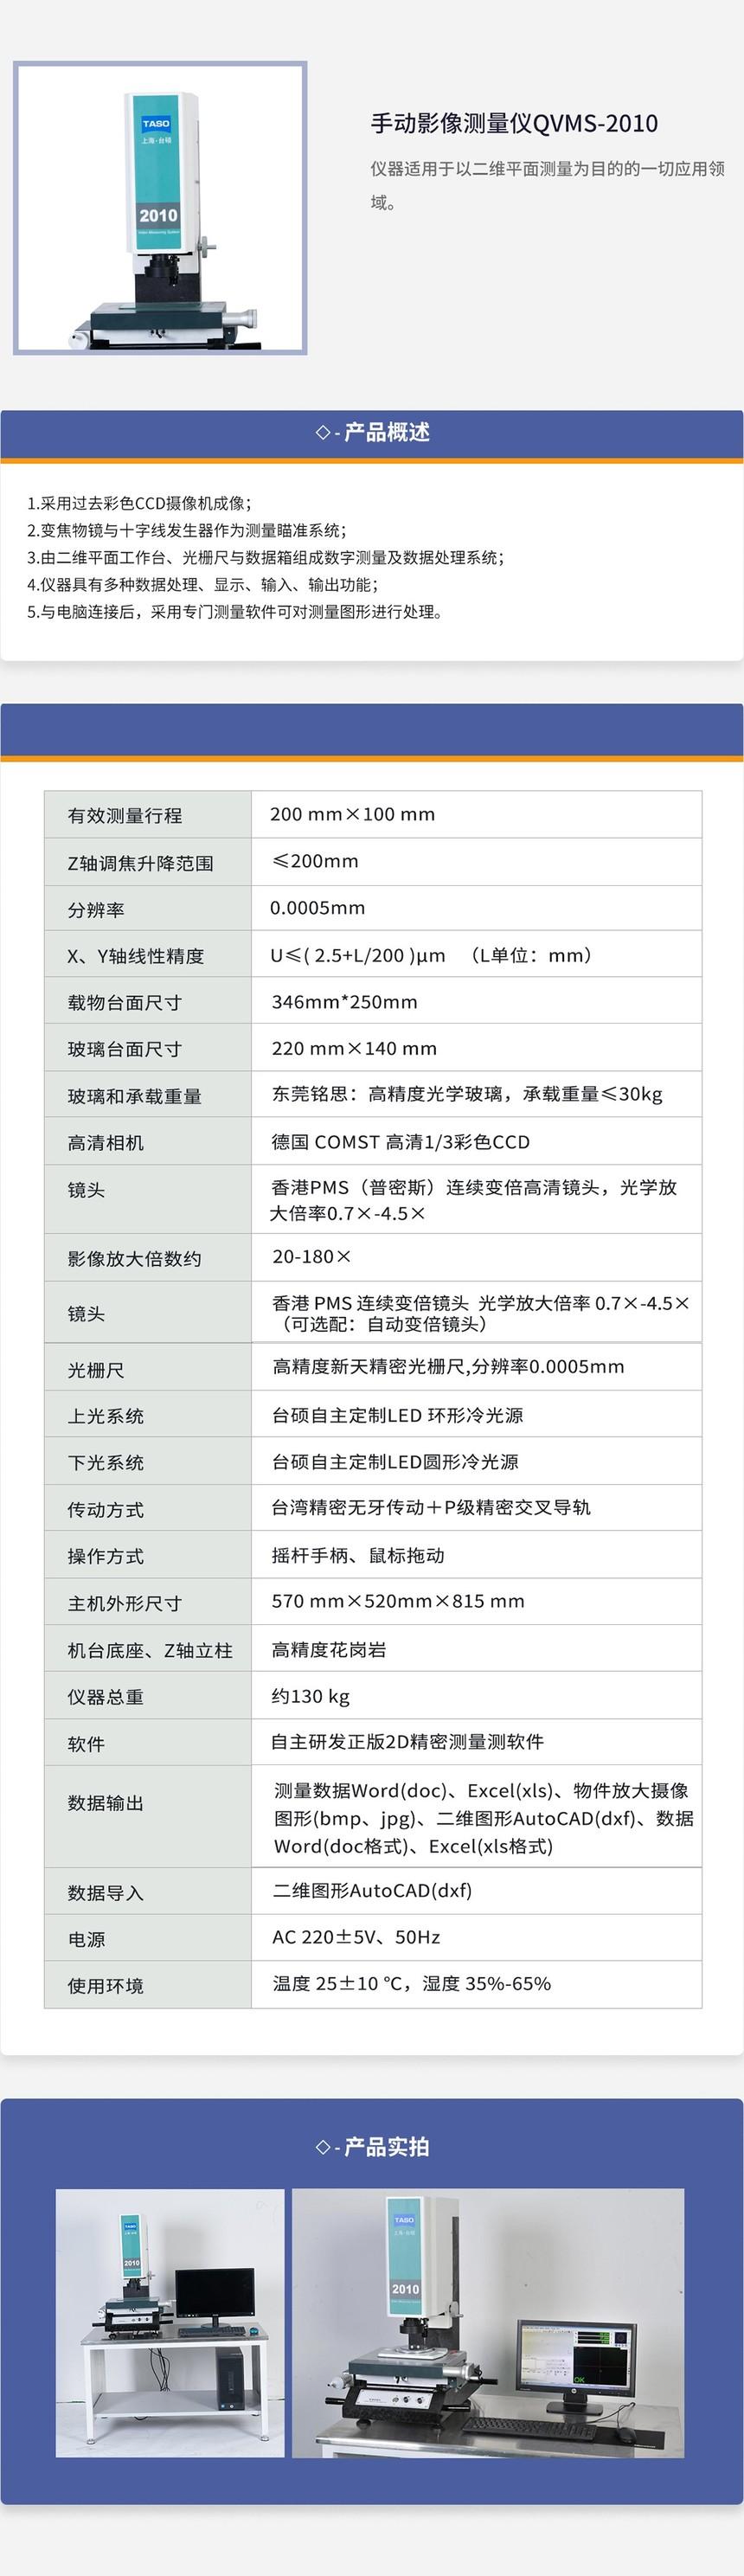 手动影像测量仪QVMS-2010_02.jpg